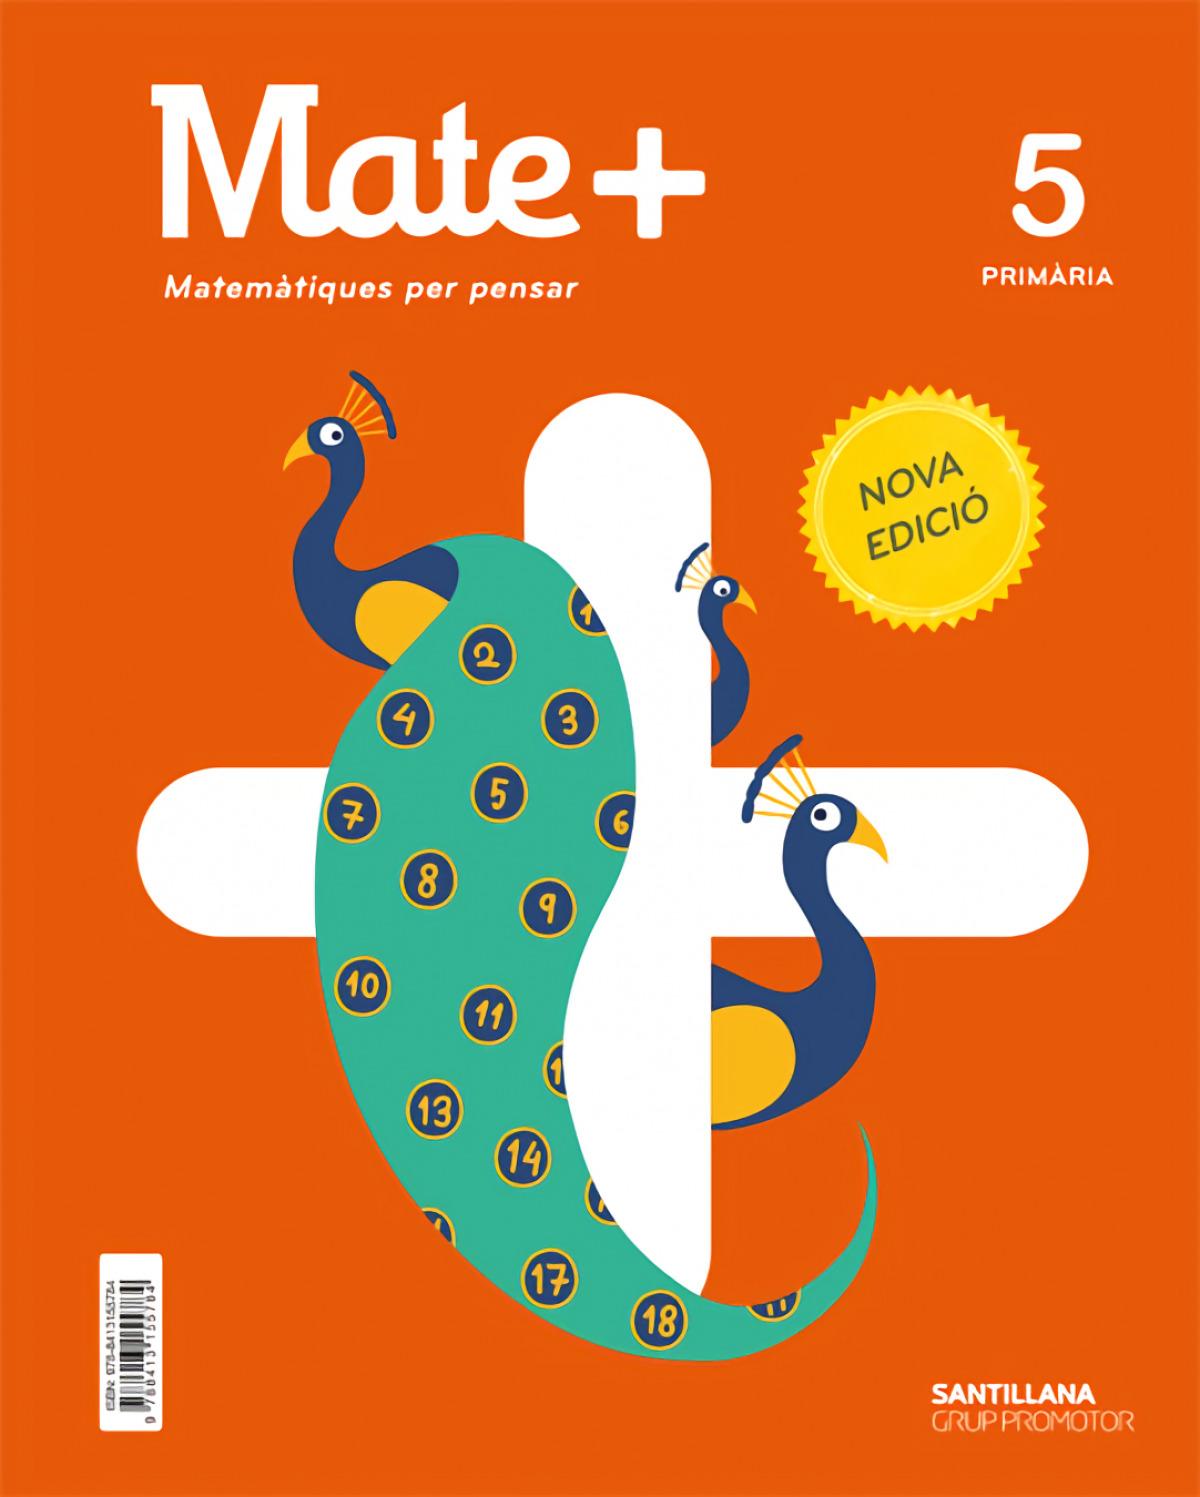 5PRI MATE+ MATEM PER PENSAR CATAL ED21